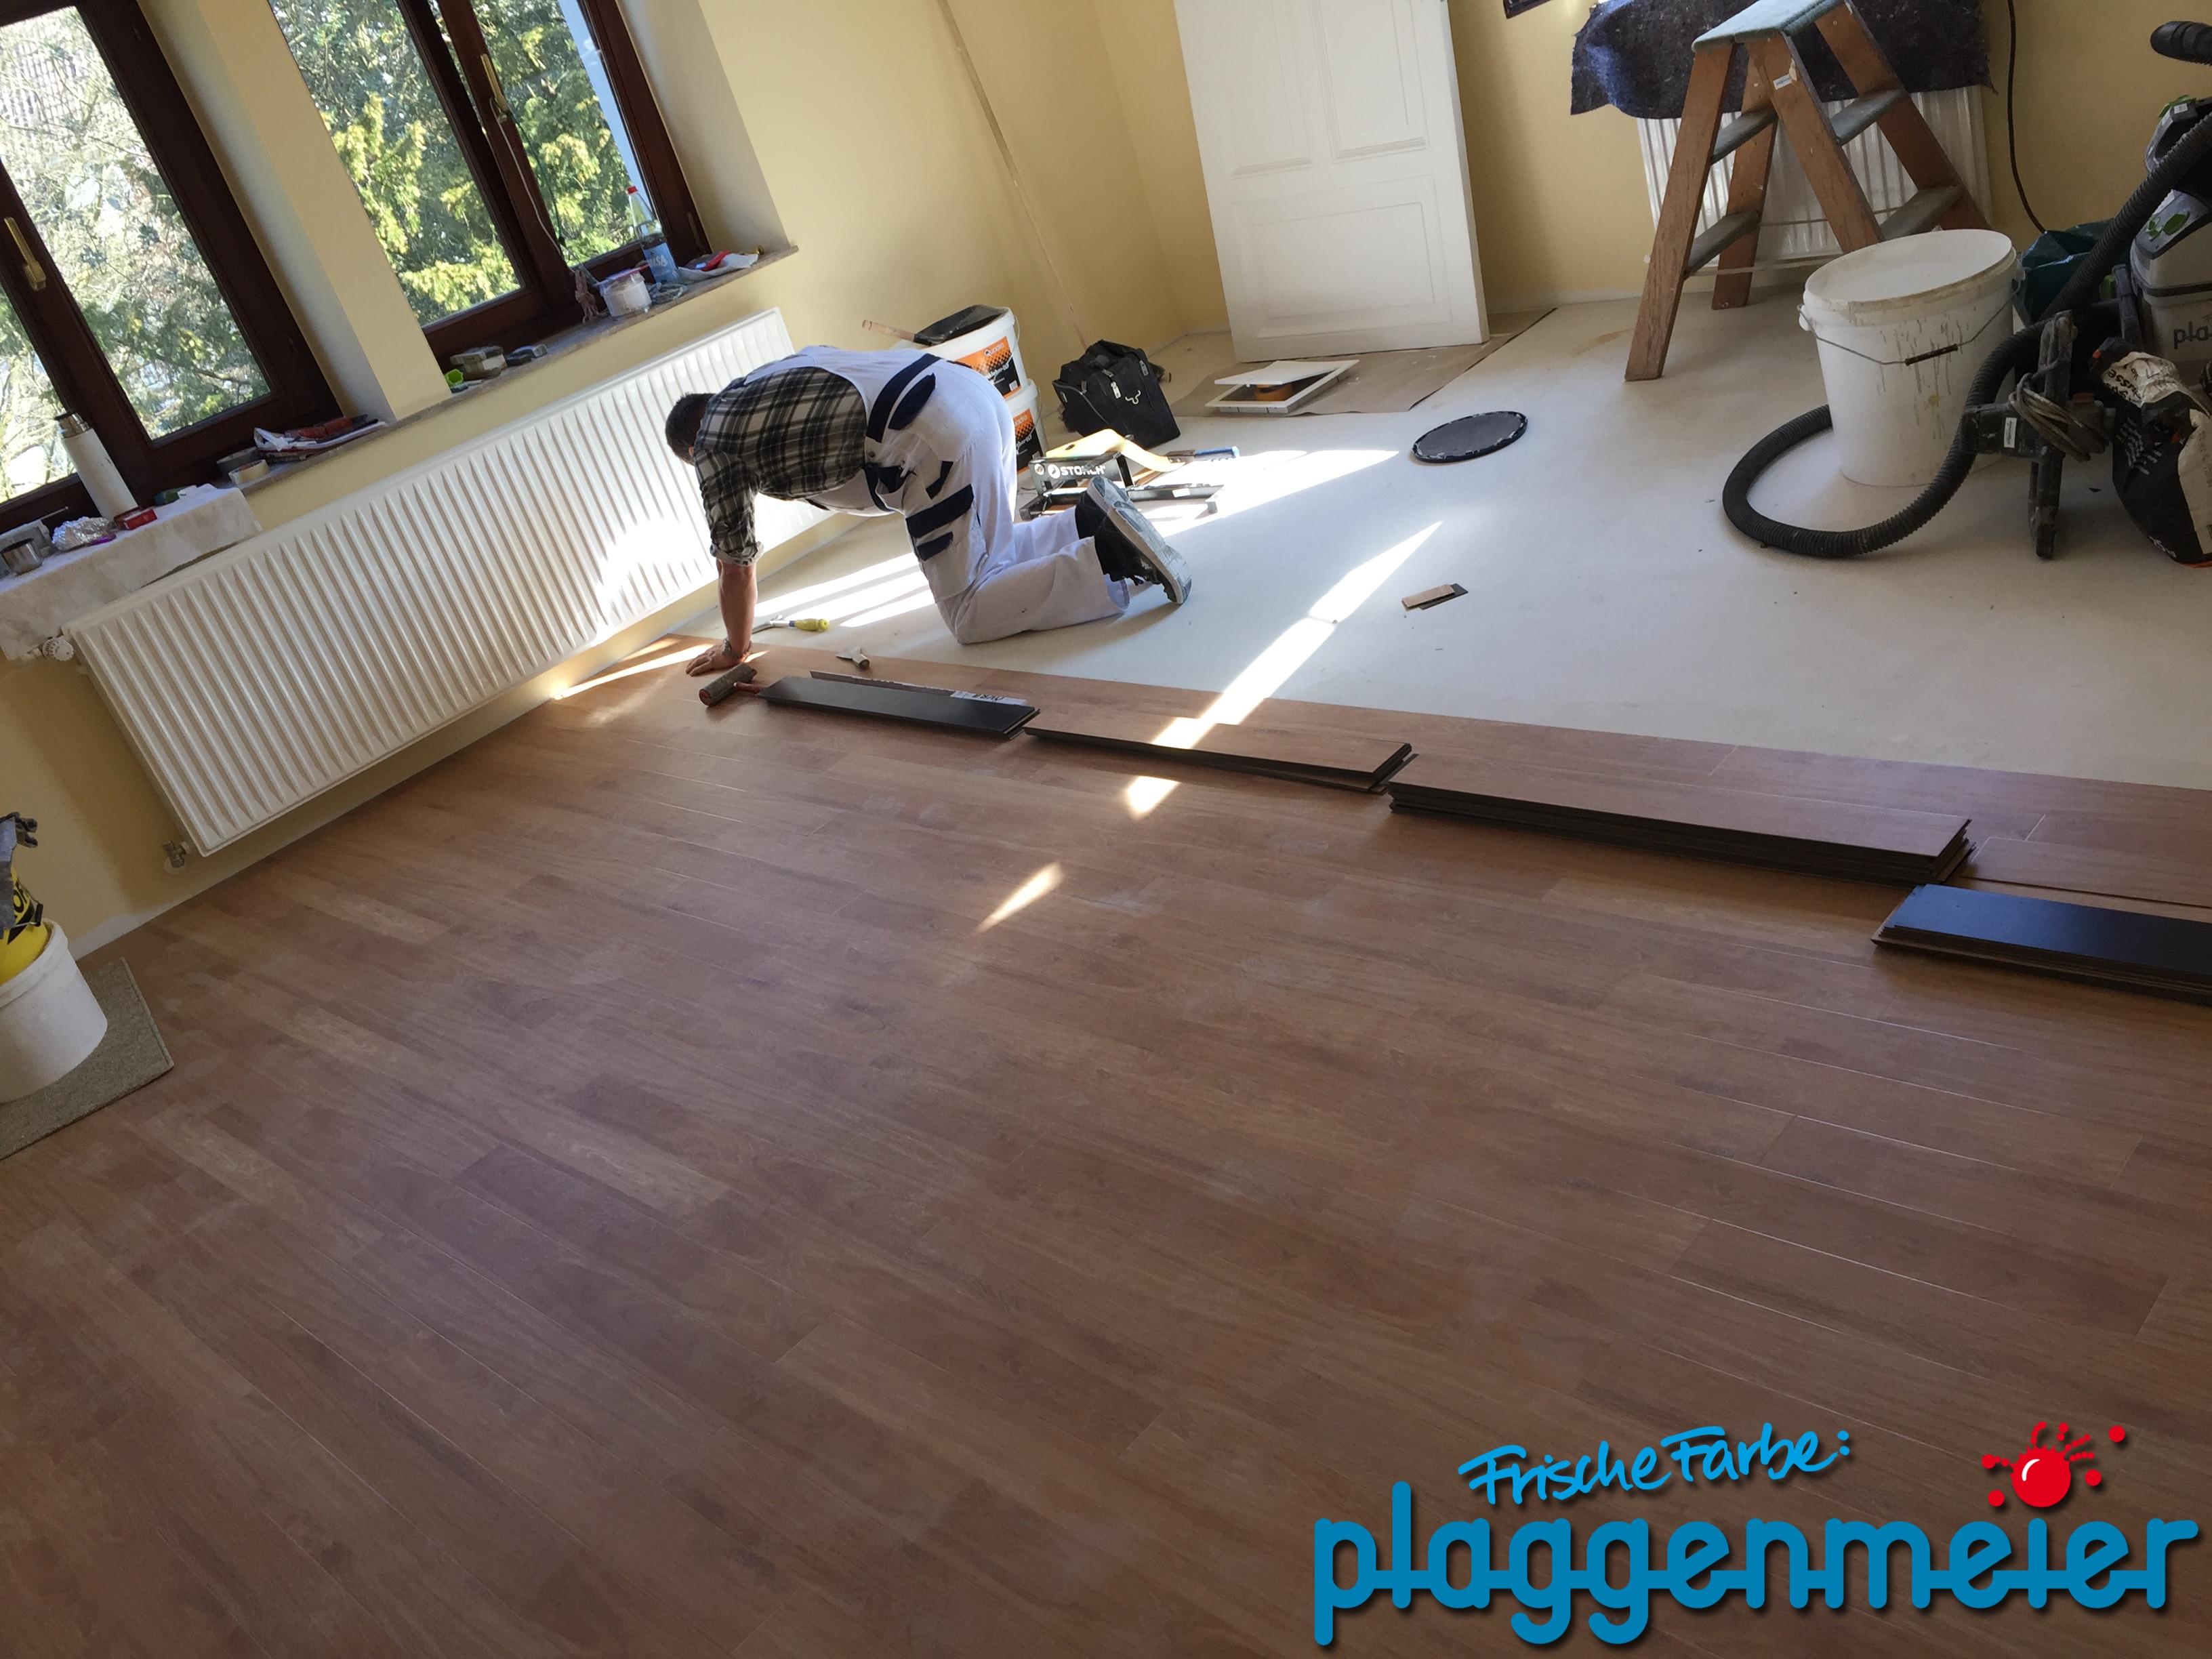 Fußboden Verlegen Bremen ~ Luxus renovierung arno plaggenmeier gmbh maler bremen